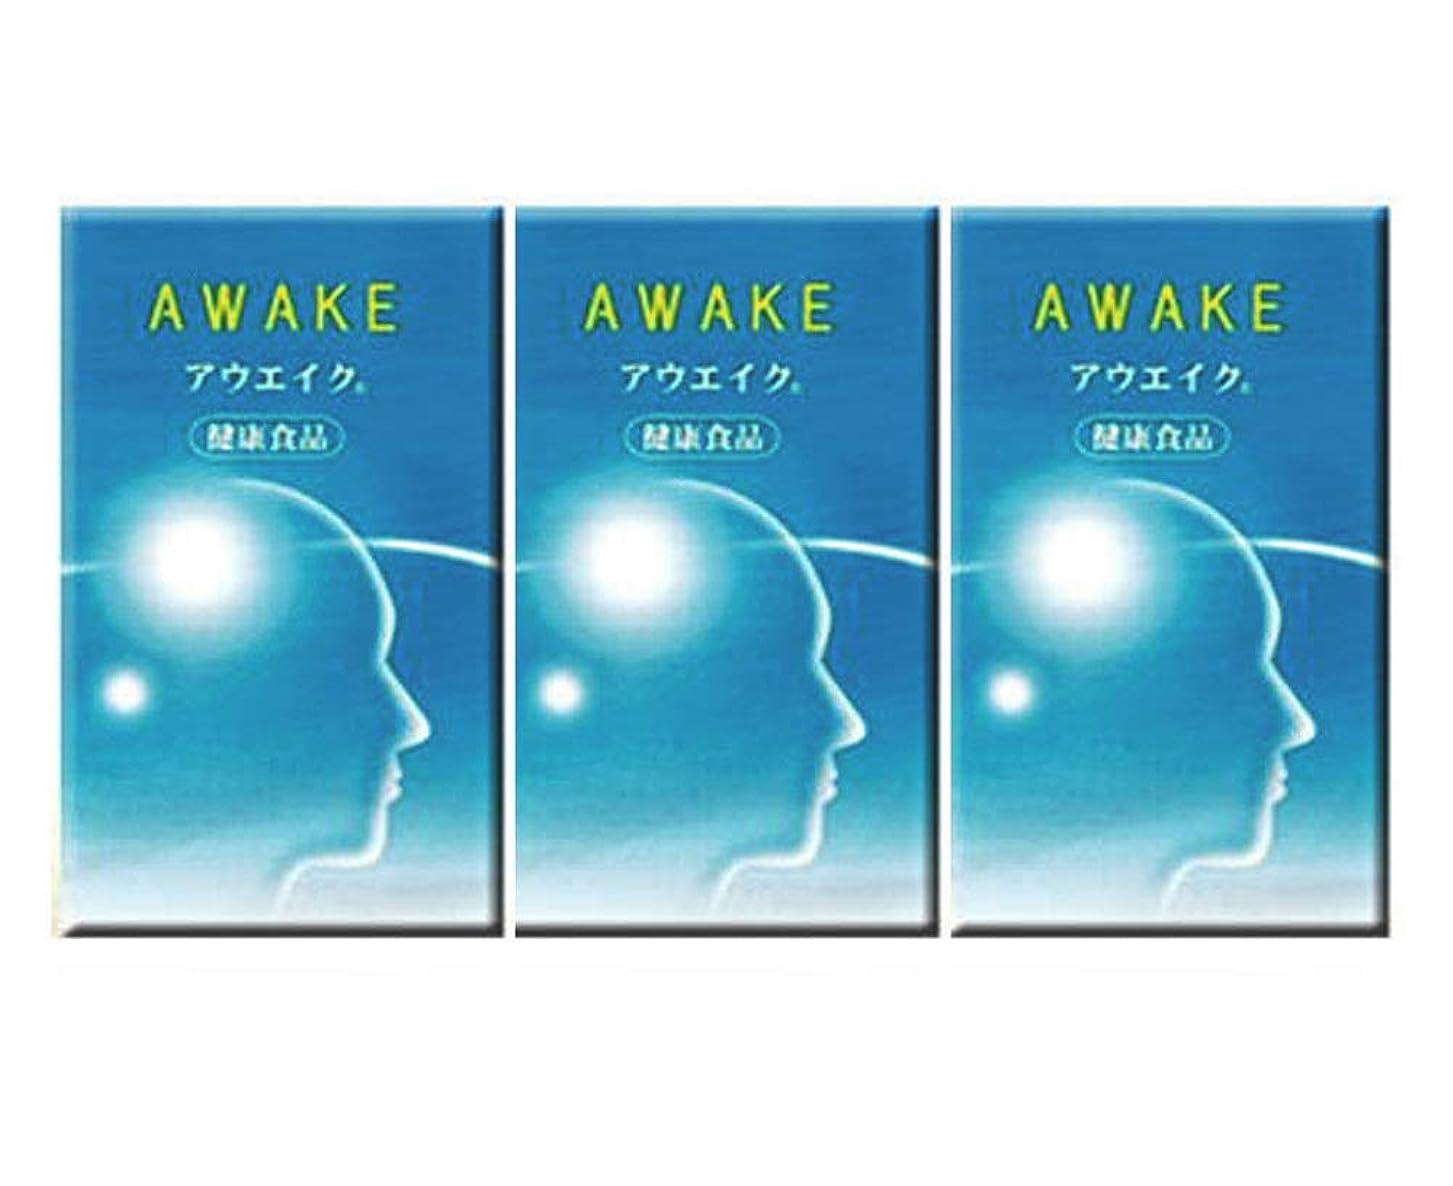 アルネアルファベット順仕方アウエイク「AWAKE」3個セット